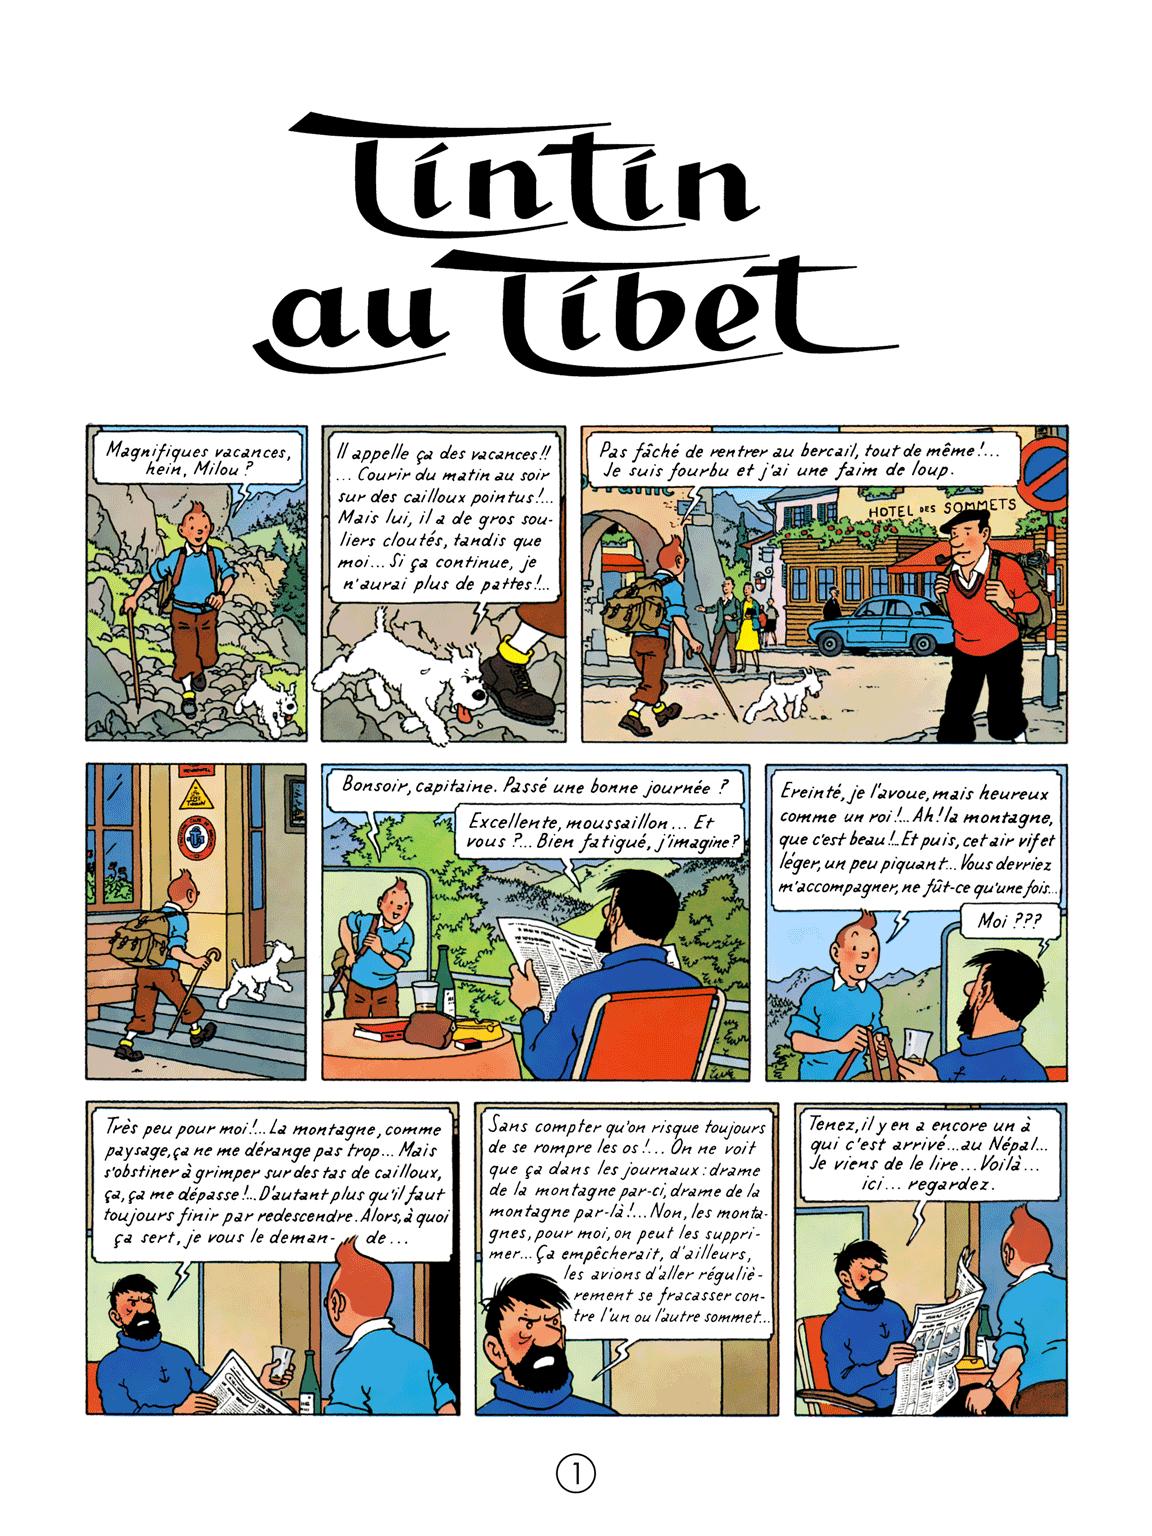 Tintin au Tibet - Page 1